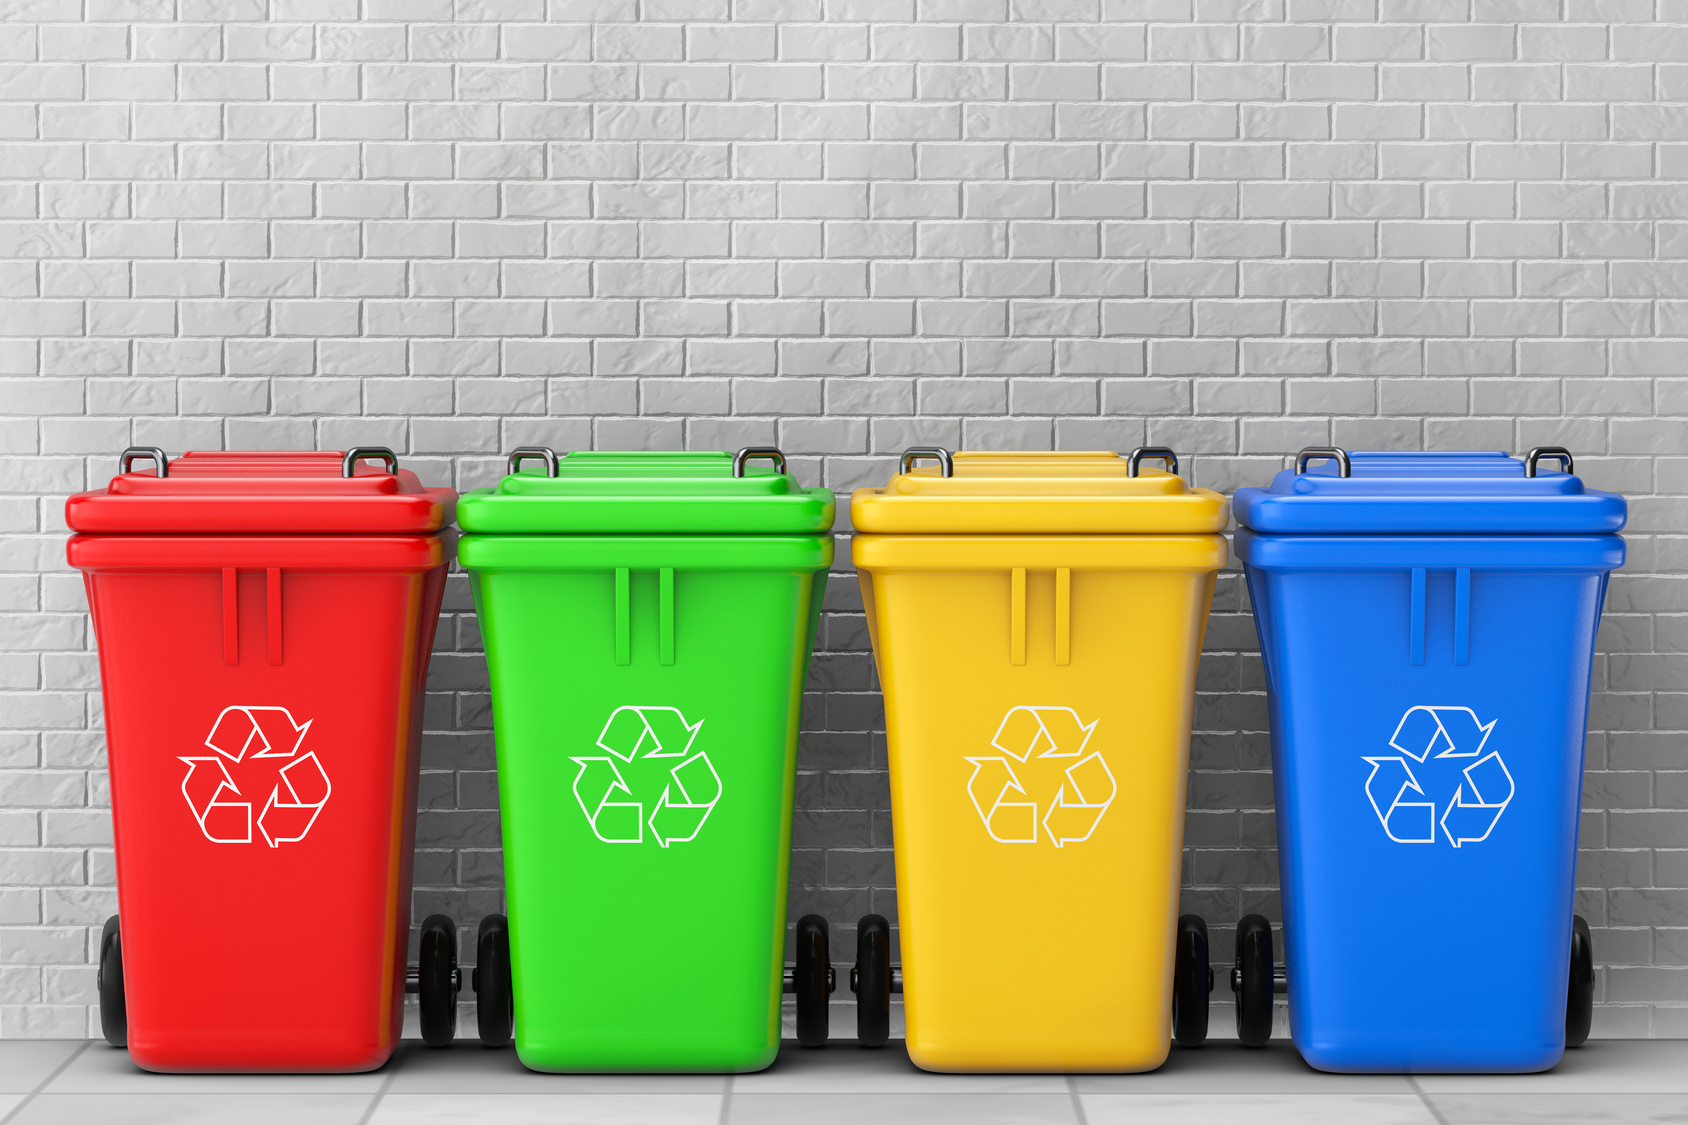 Różnokolorowe pojemniki na odpady komunalne